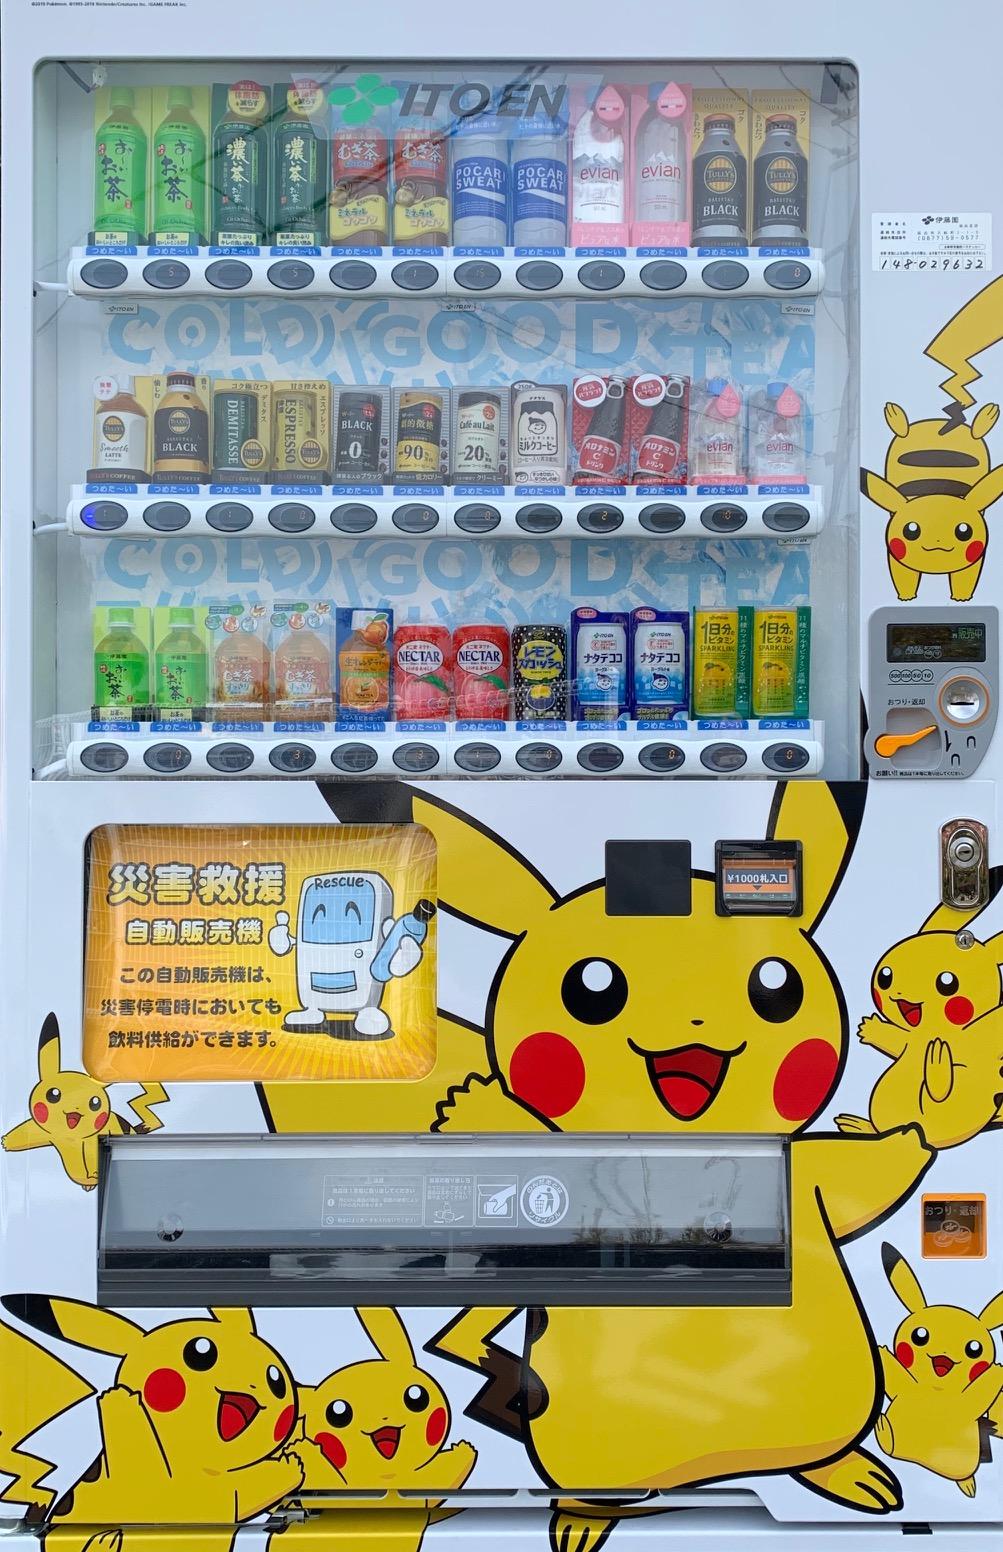 ピカチュー柄の自販機